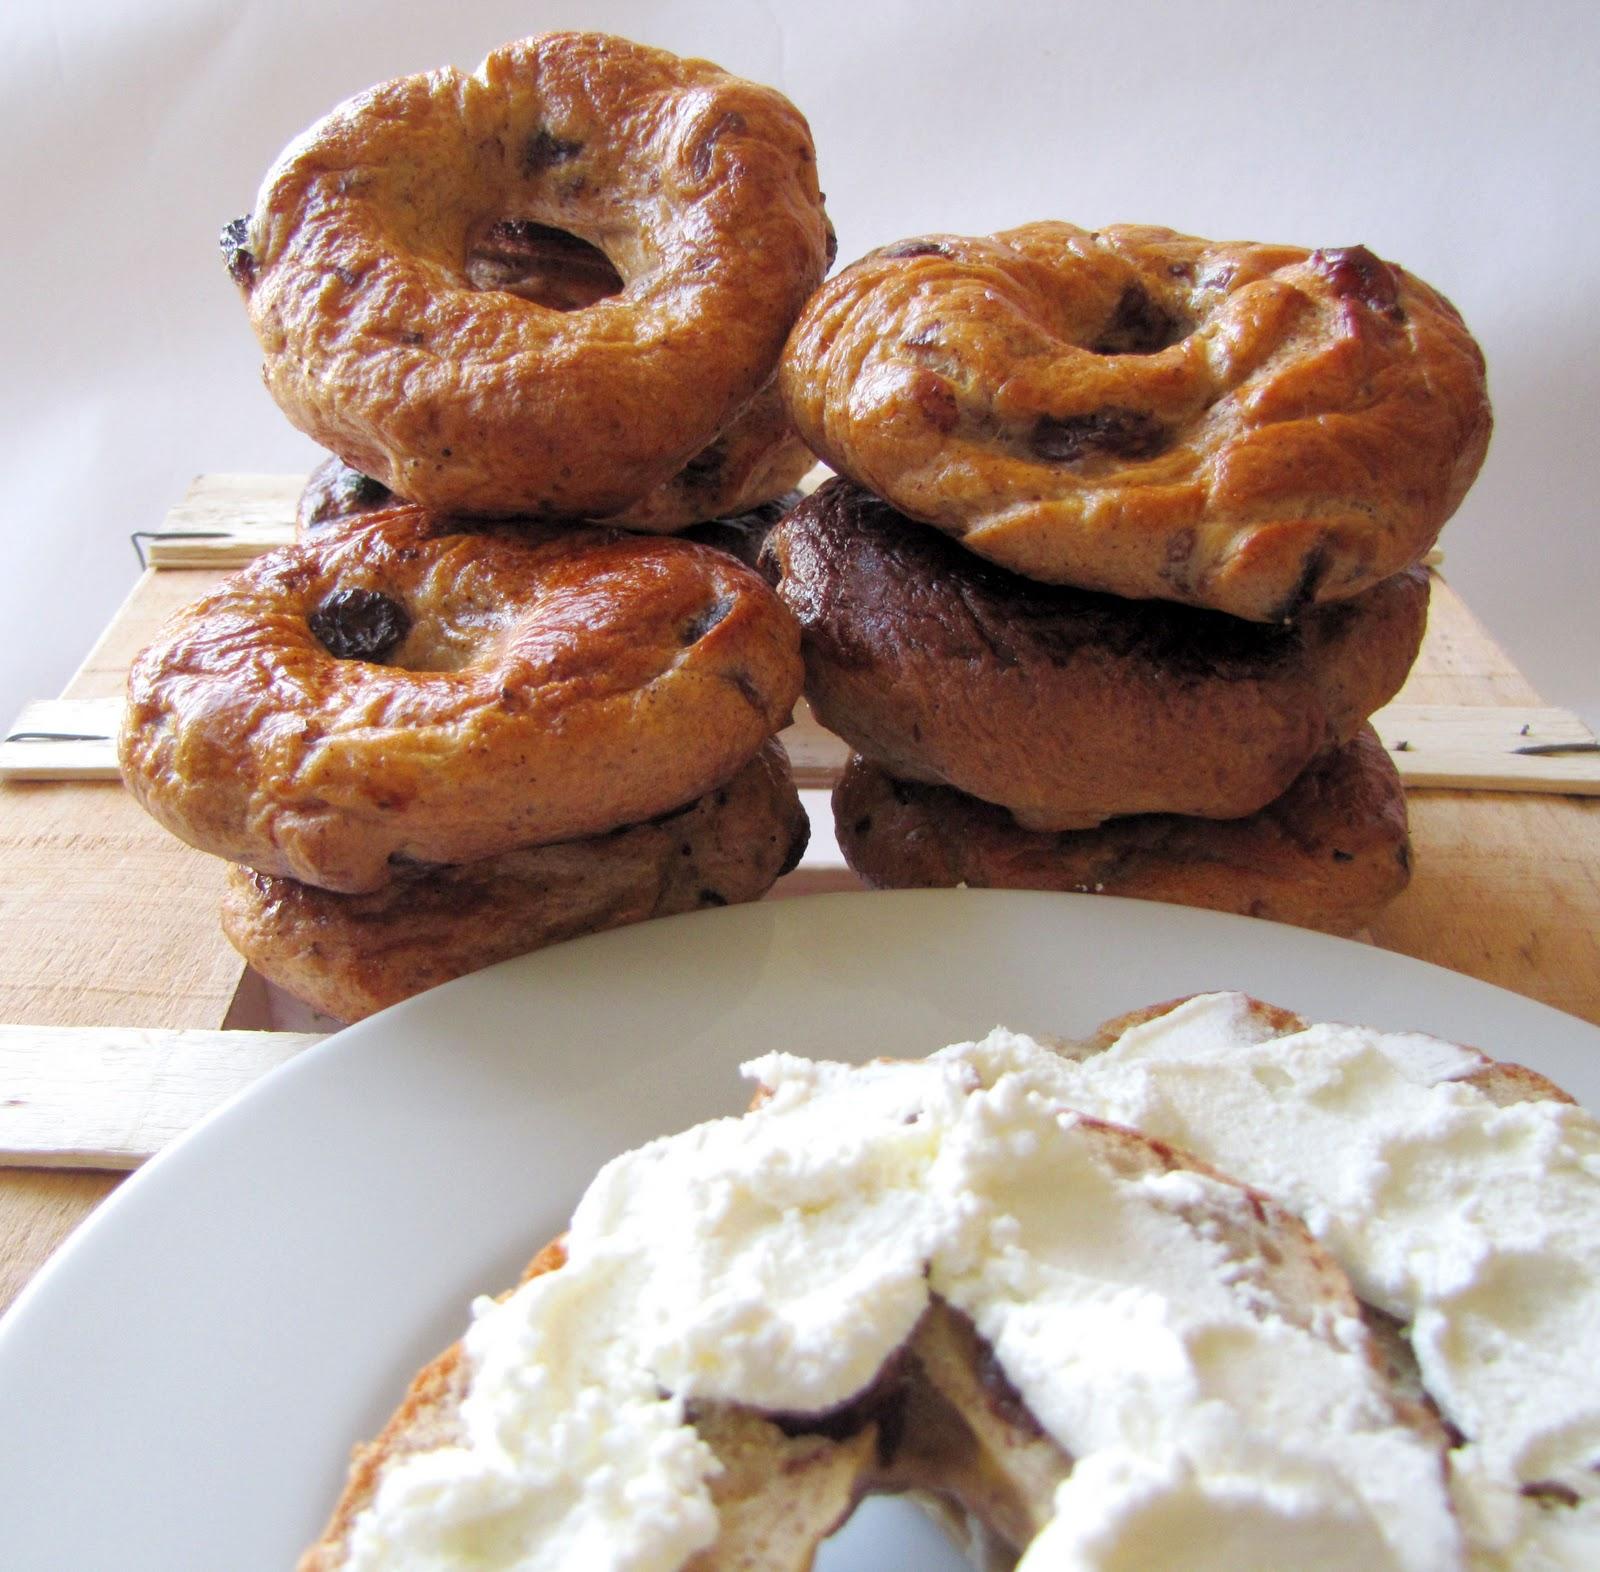 Lola-Lu's Kitchen: Cinnamon & Raisin Bagels